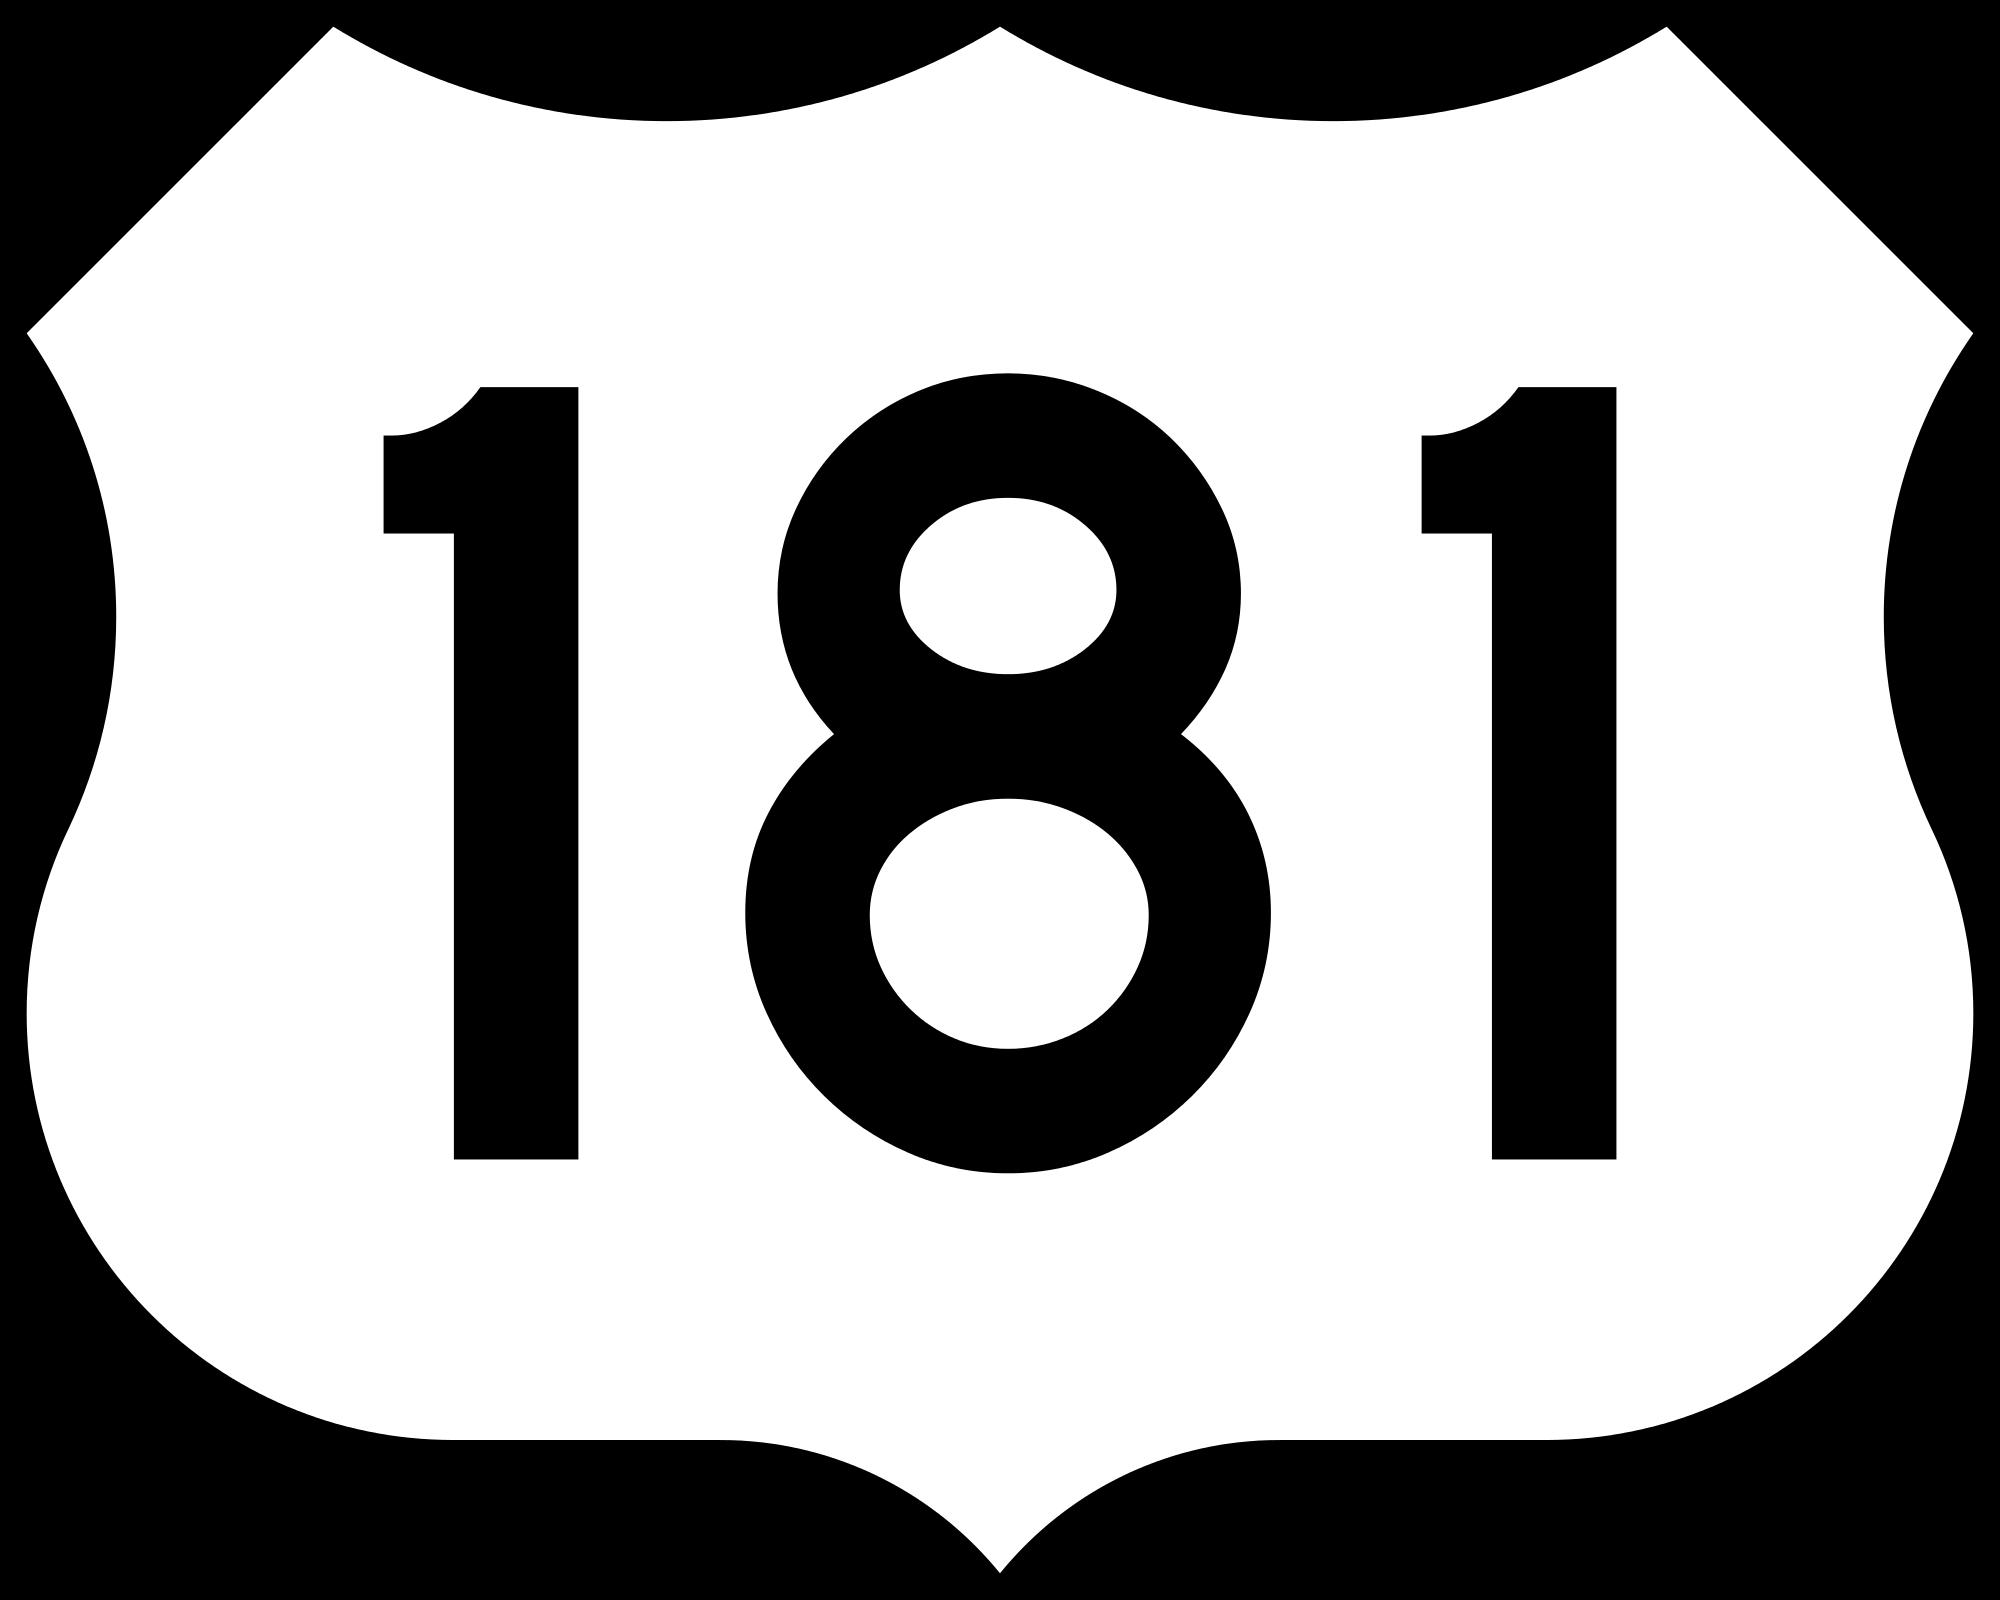 File:US 181.svg.